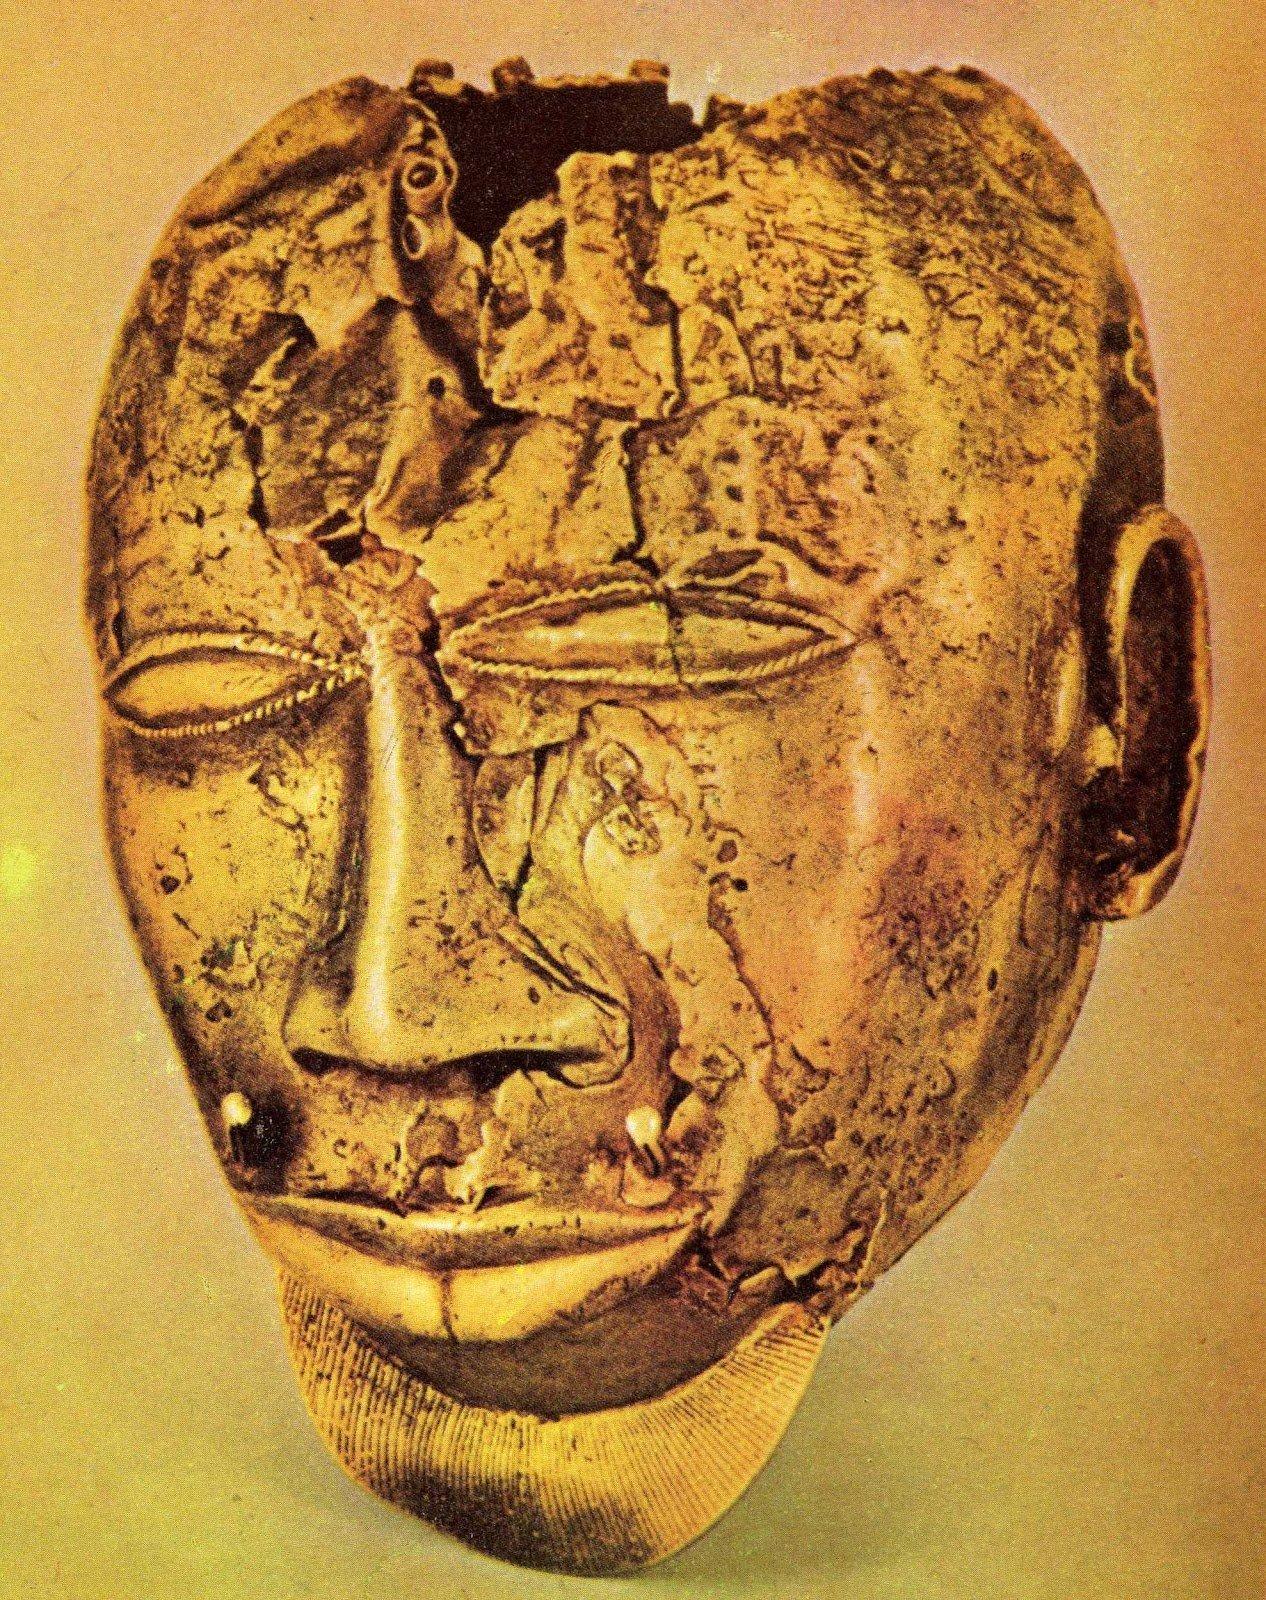 Al-Muqanna', le faux prophète masqué